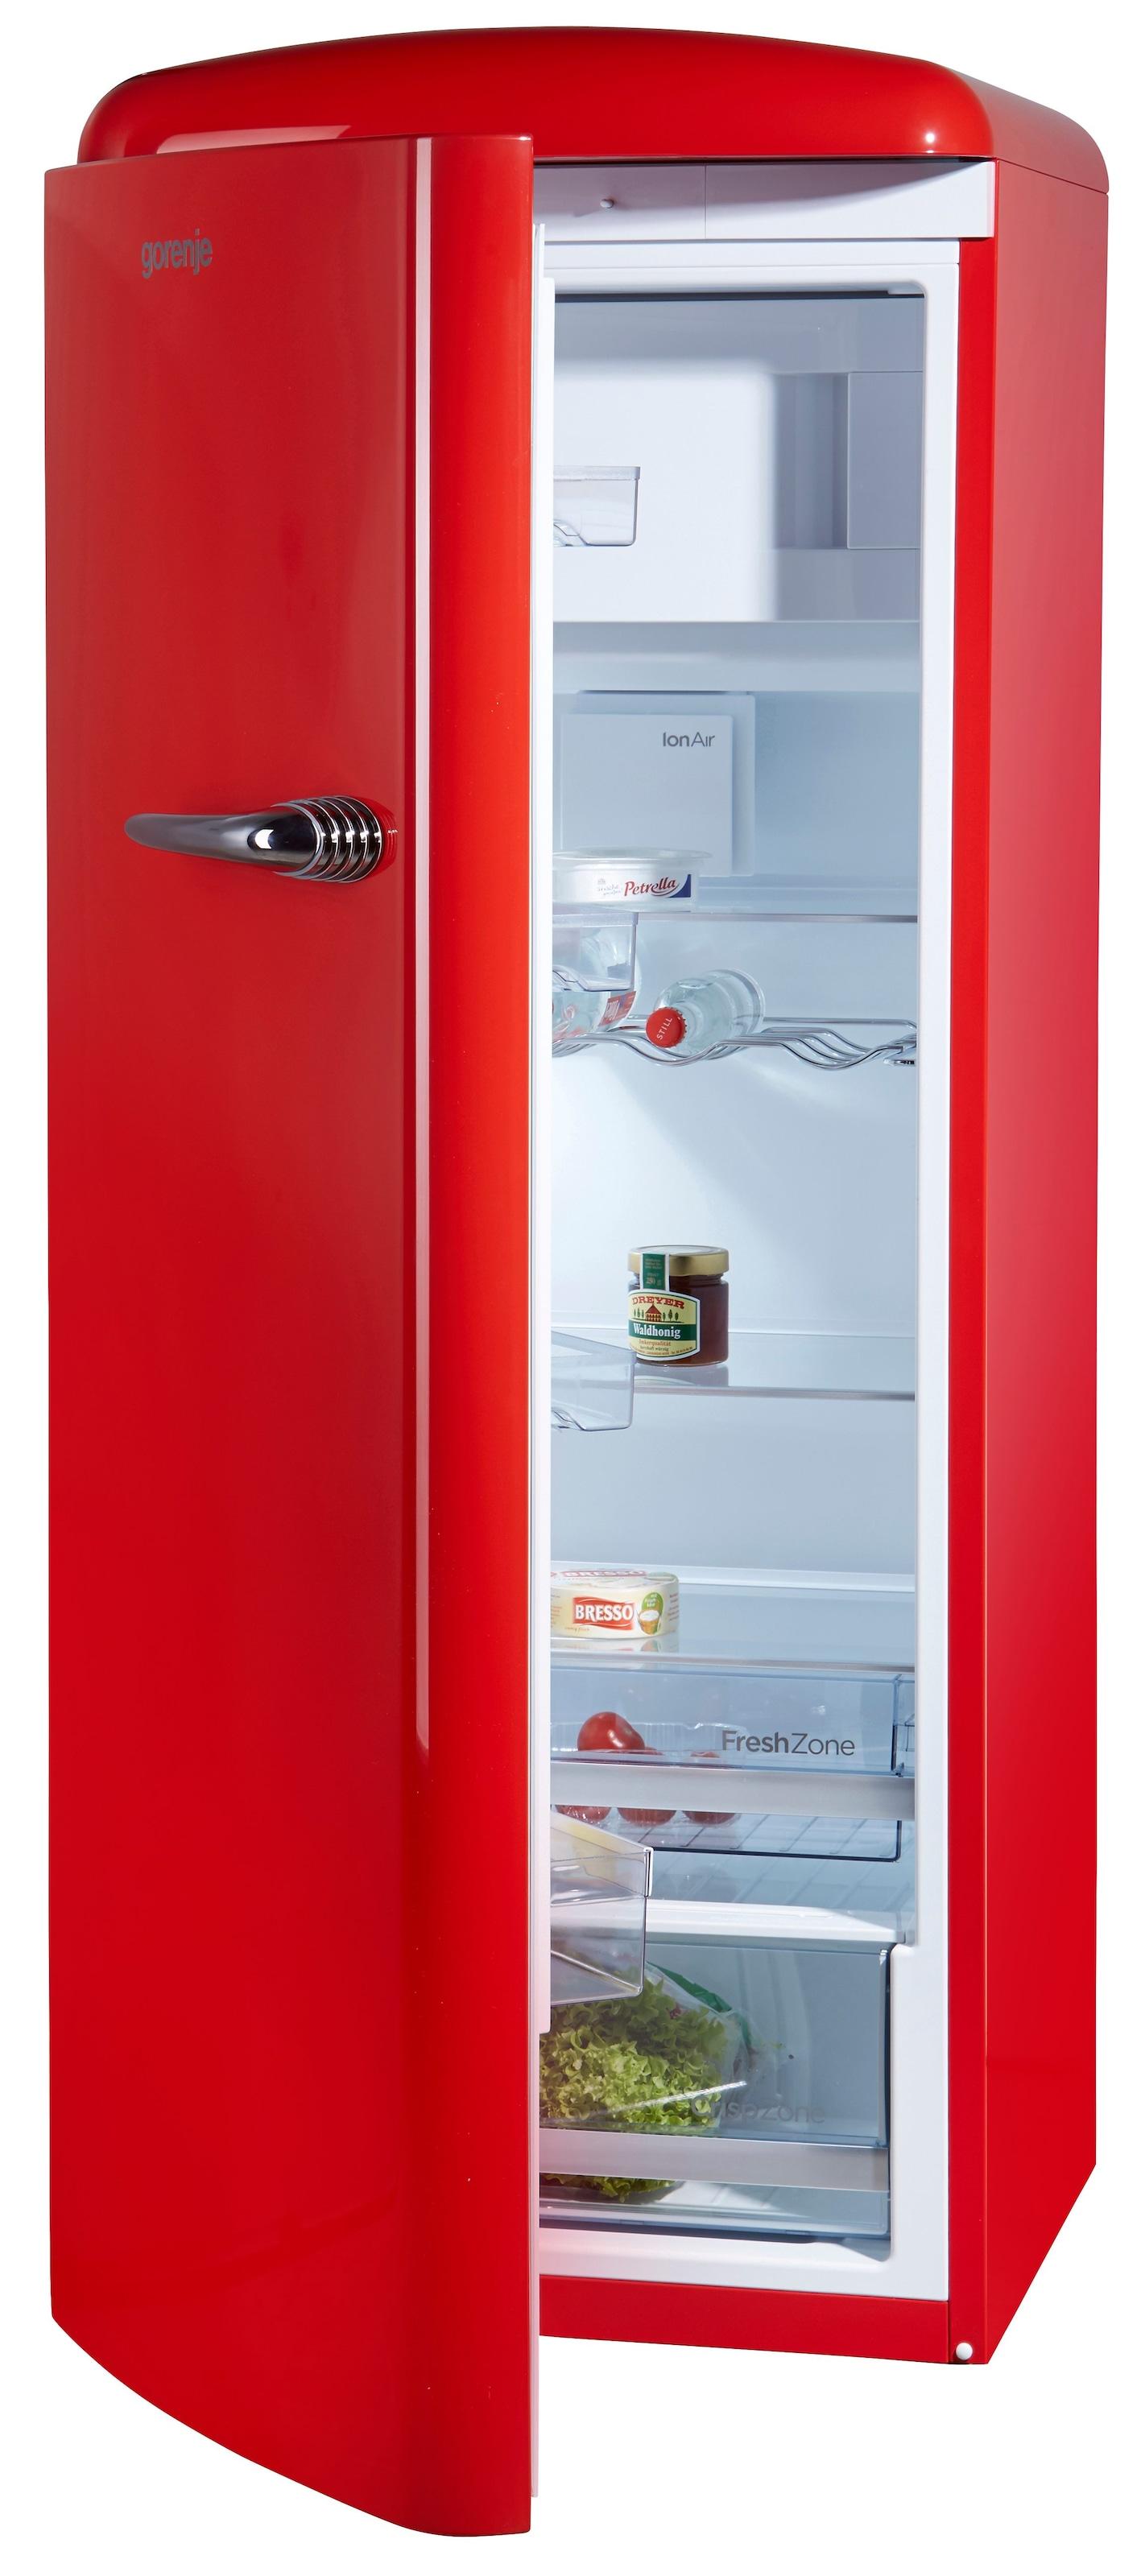 Gorenje Kühlschrank Kaufen : Gorenje kühlschrank einbau fantastisch gorenje kuhlschrank